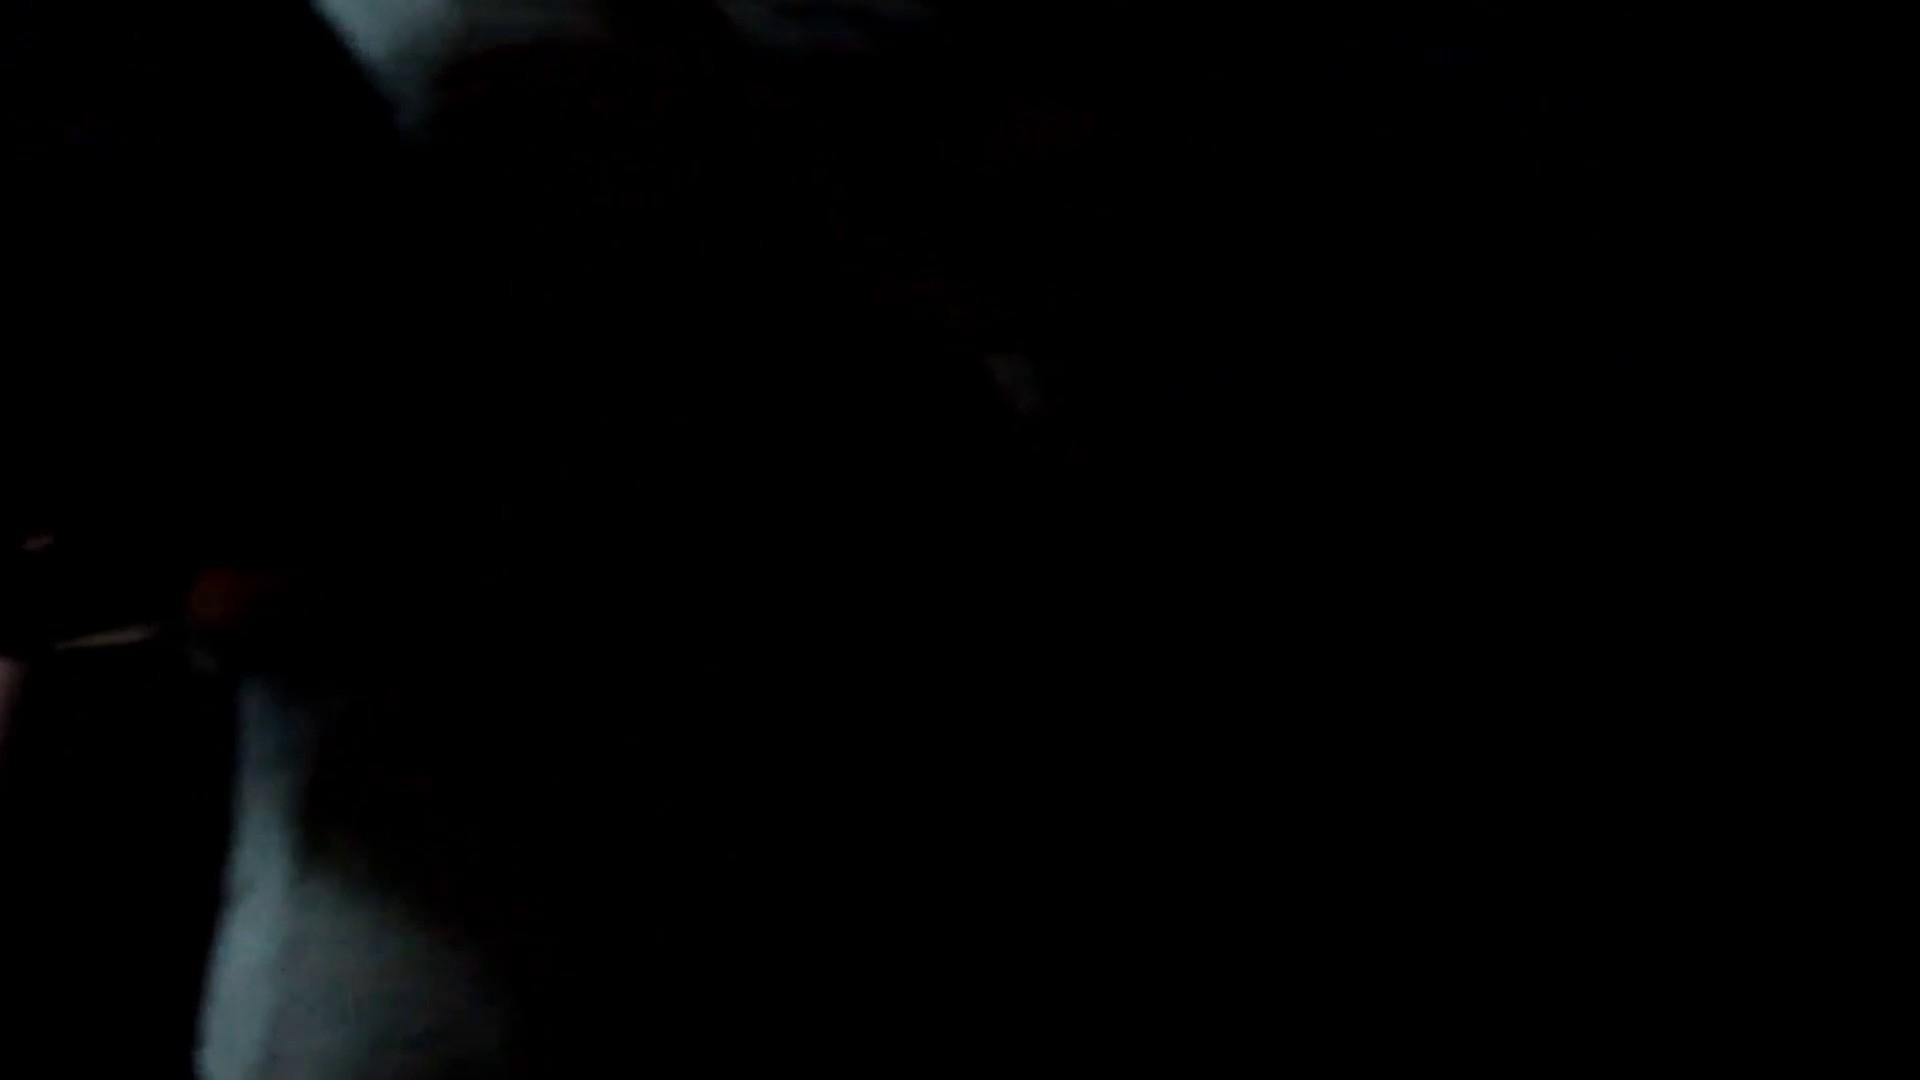 巨根 オナニー塾Vol.31 オナニー | モザイク無し アダルトビデオ画像キャプチャ 71pic 49